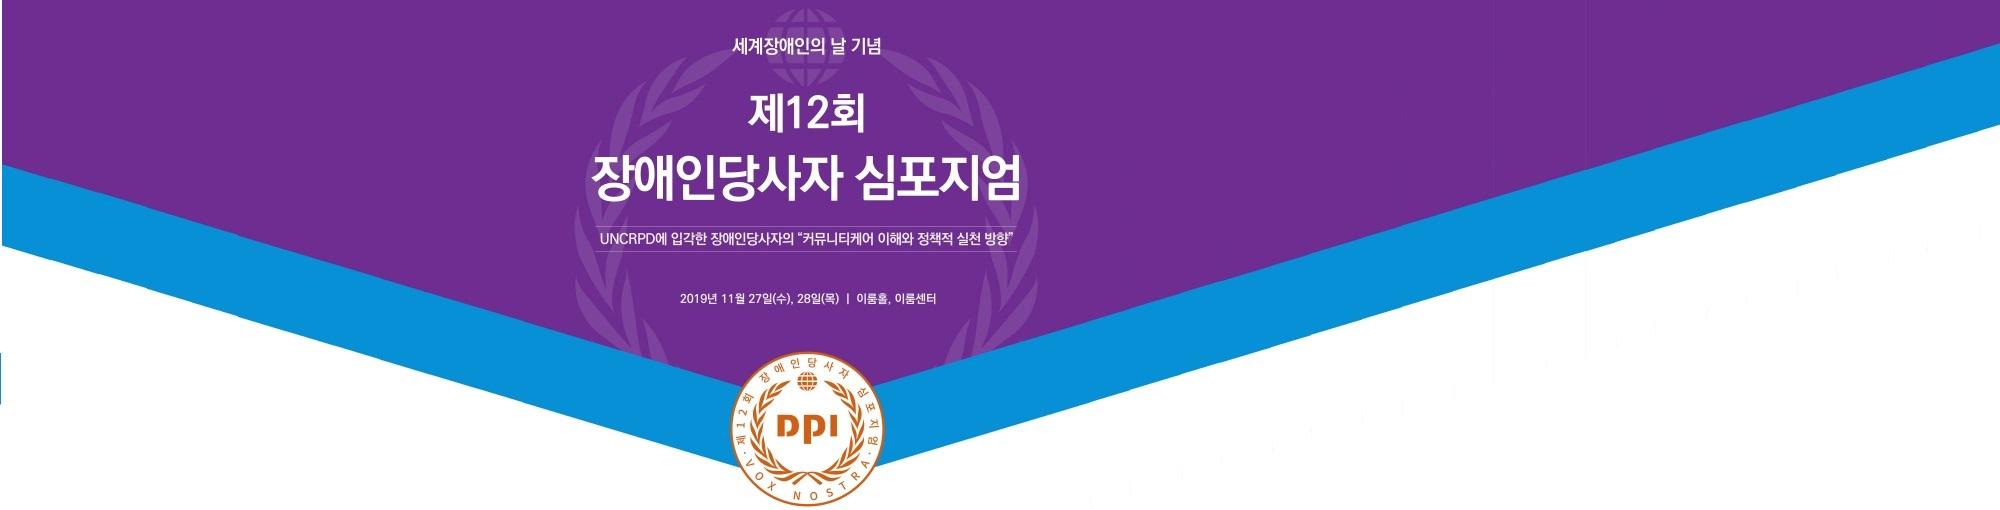 세계장애인의 날 기념 제12회 장애인당사자 심포지엄 UNCRPD에 입각한 장애인당사자의 커뮤니티케어 이해와 정책적 실천방향 2019년 11월27일(수), 28일(목) 이룸홀,이룸센터